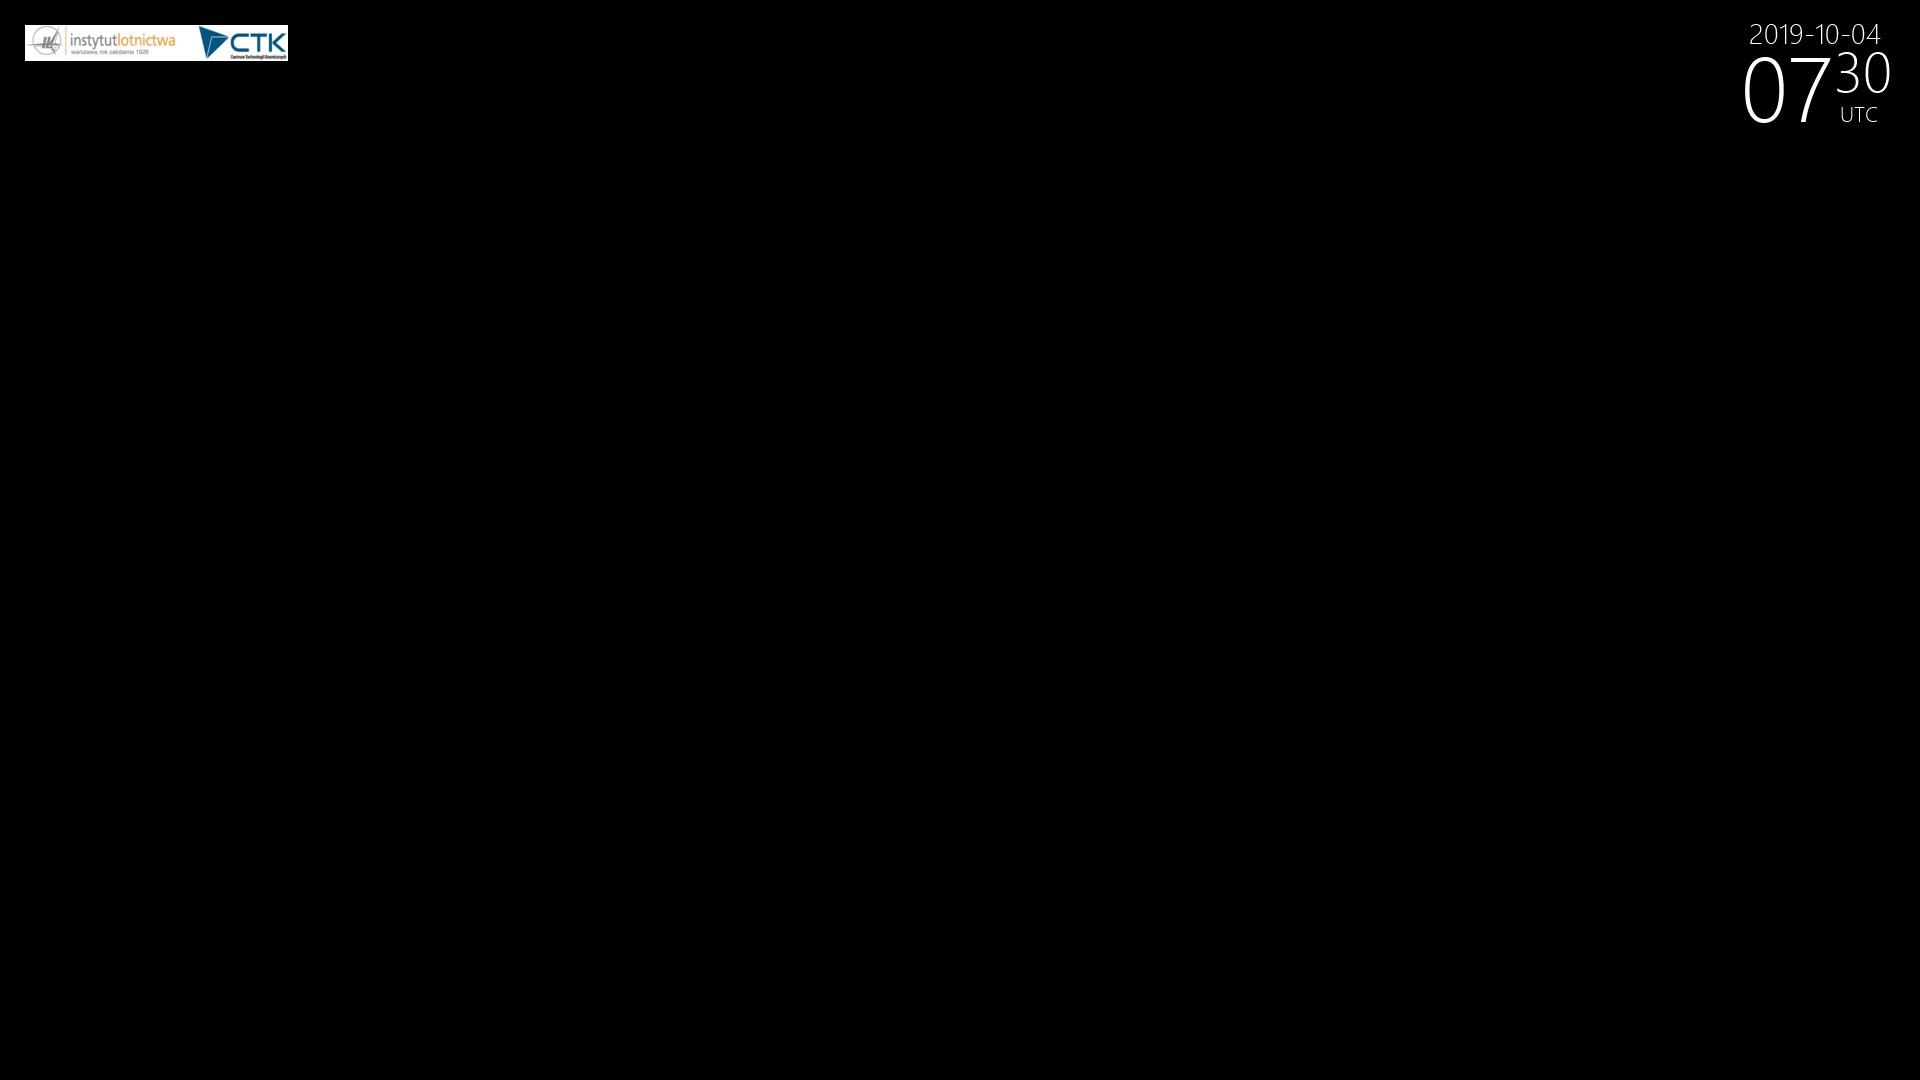 Scena Europejska (IR 0.6μm, vis panchromatic, Vis 1.6μm).